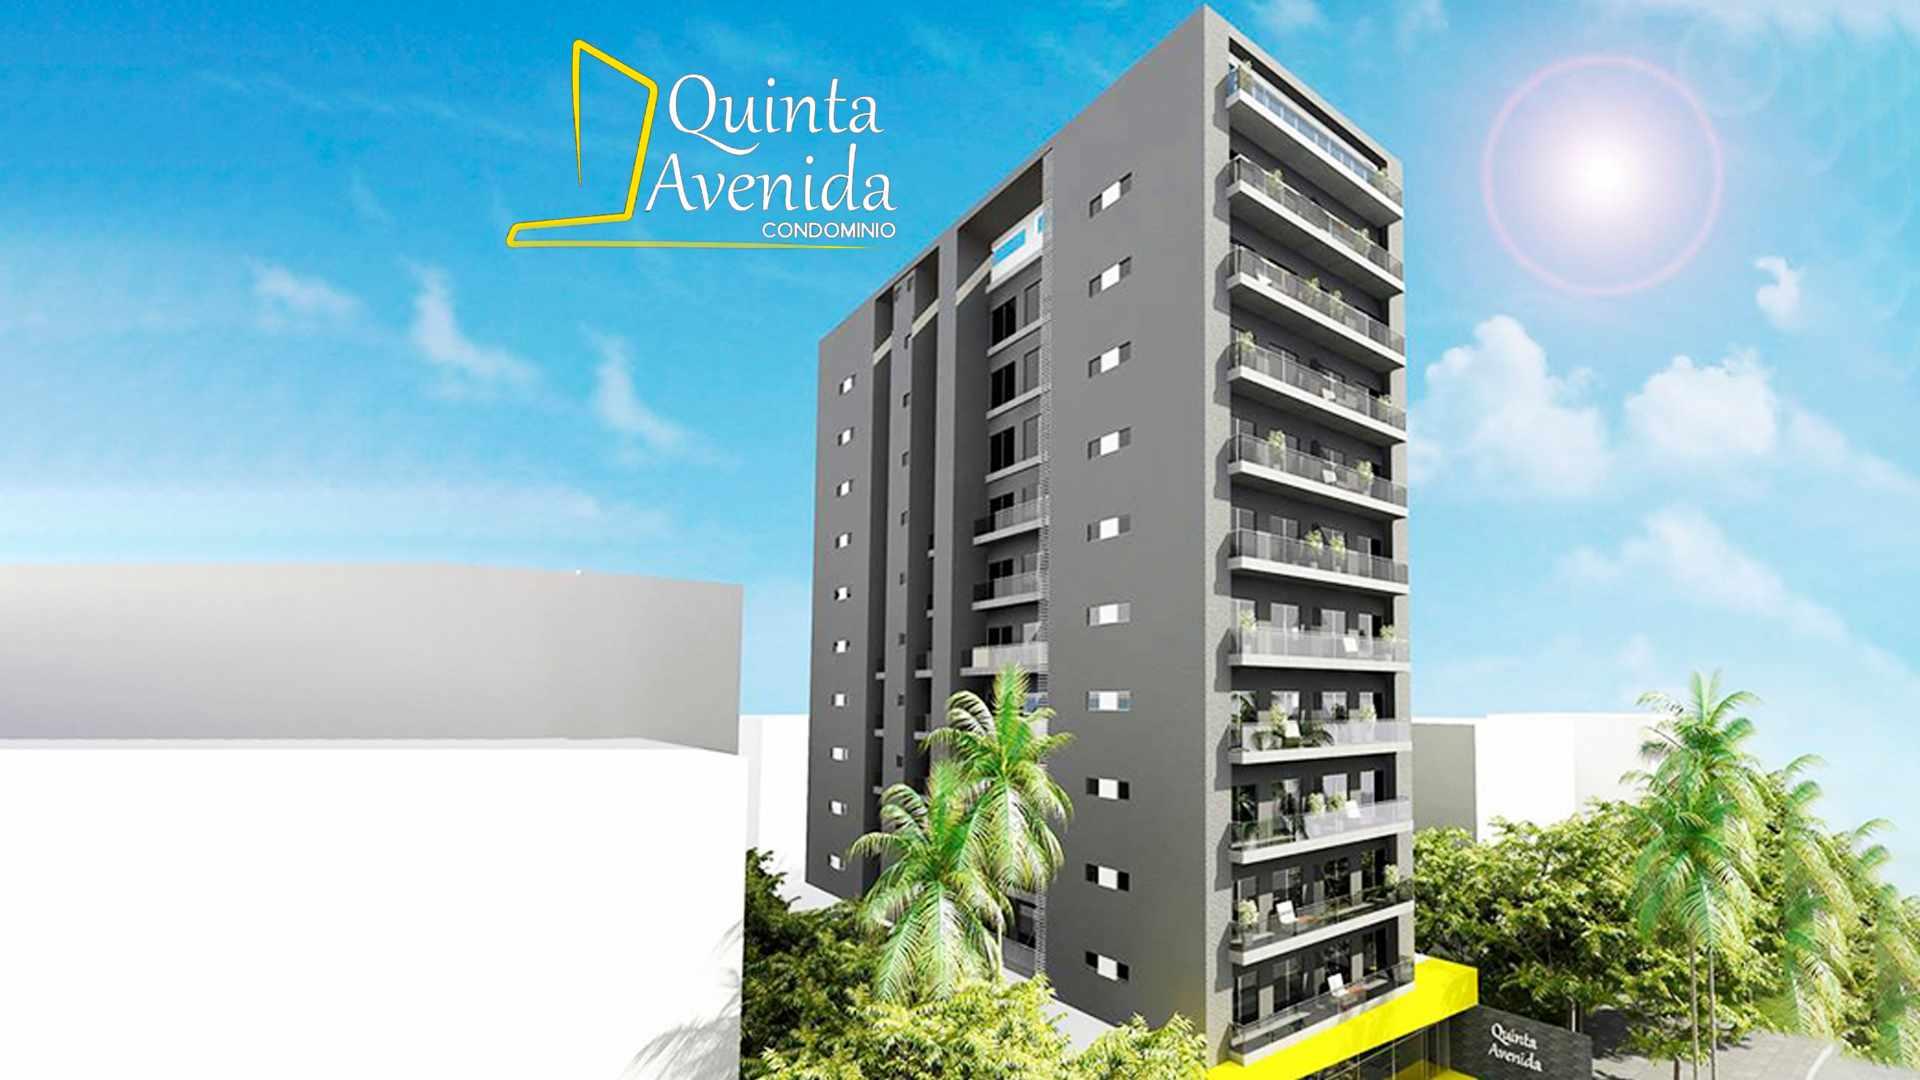 Condominio Quinta Avenida